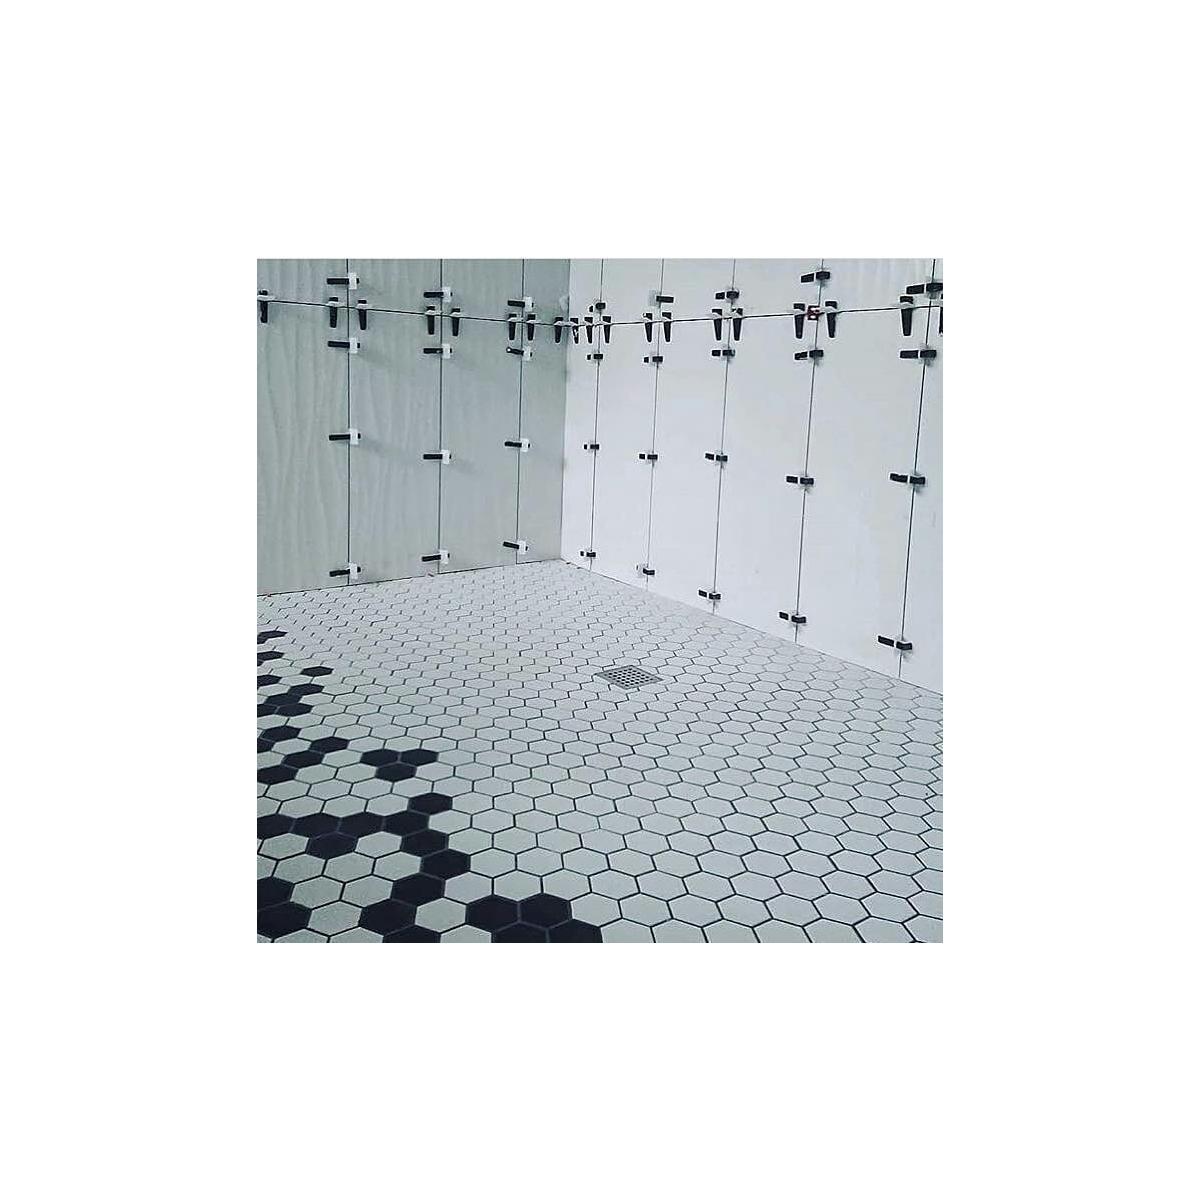 Calzo de Peygran de 1 mm (Bolsa de 300 unidades) Peygran